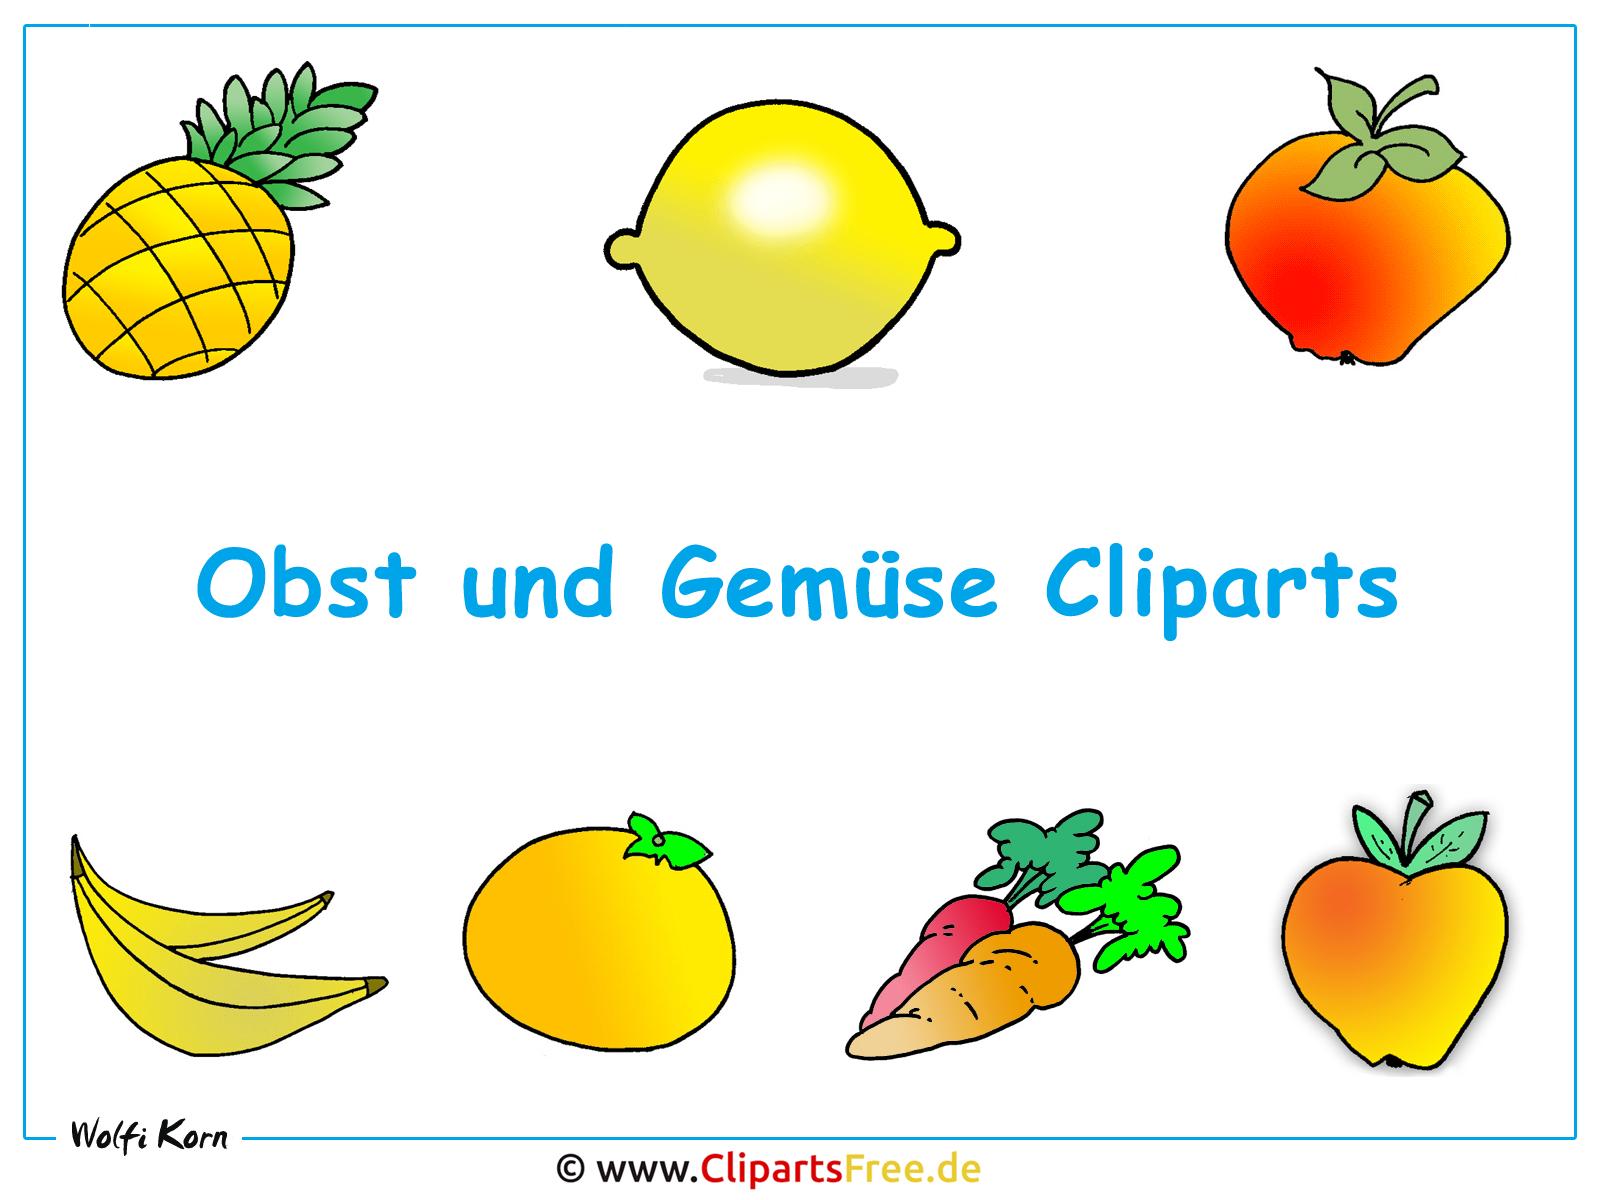 Obst und Gemüse Bilder - Hintergrundbilder kostenlos